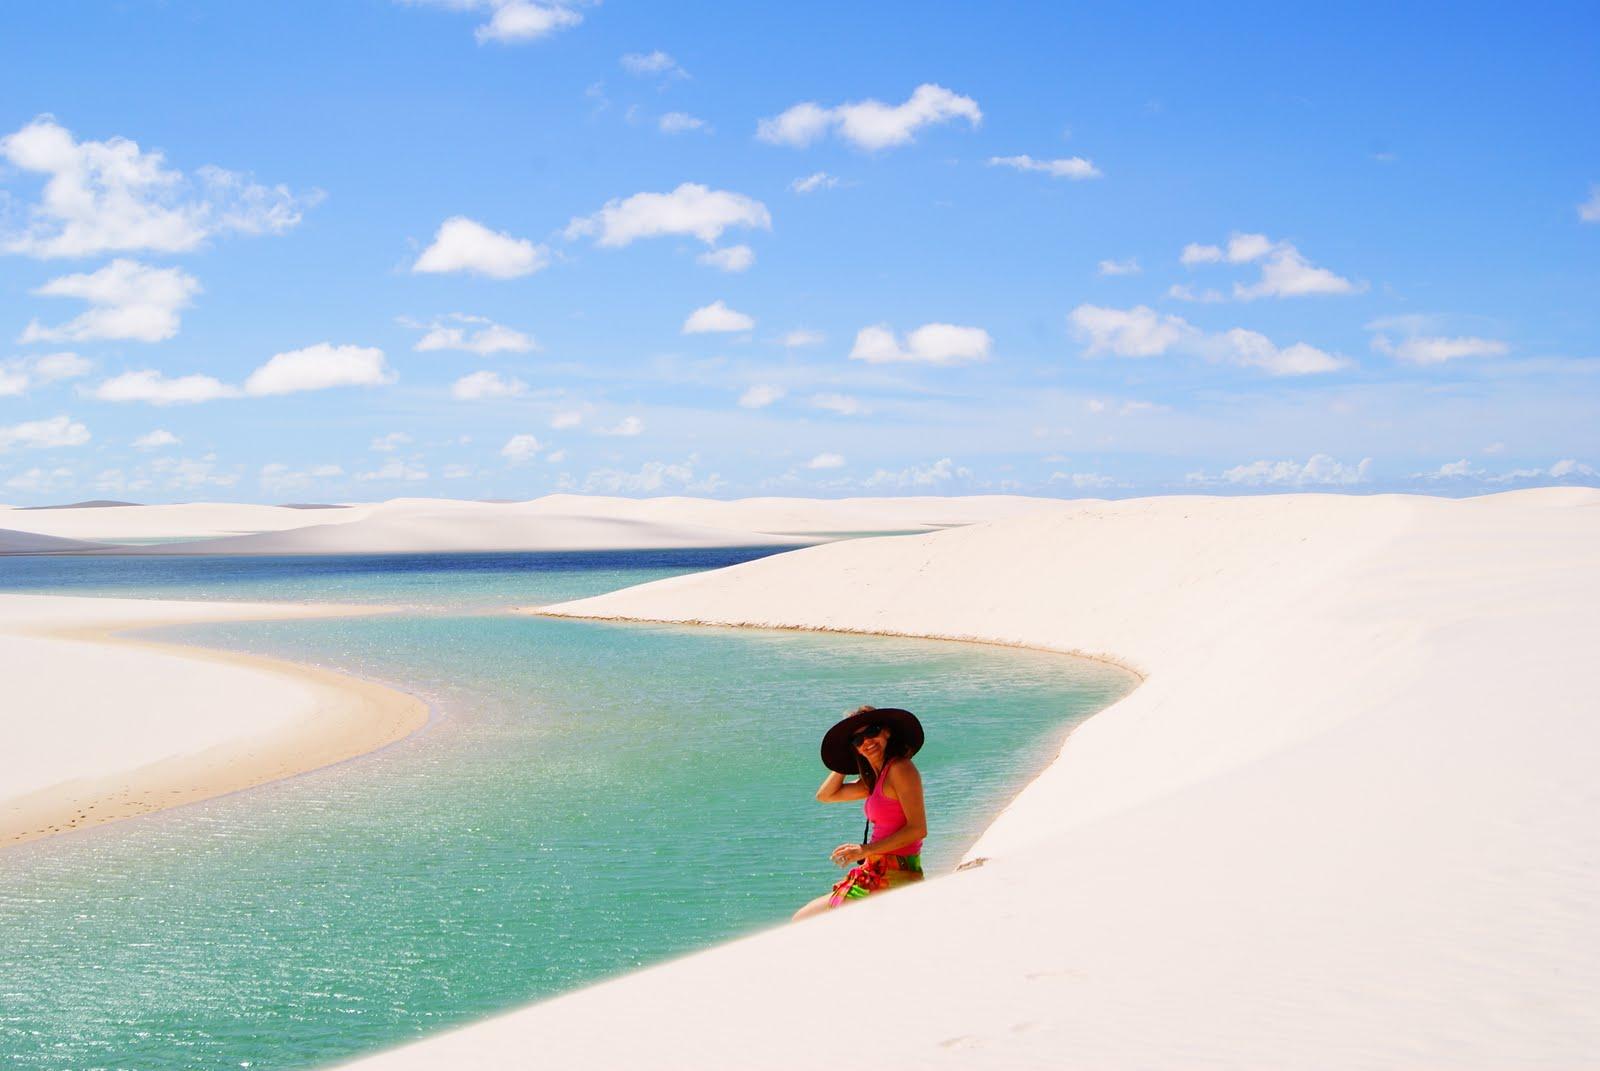 Parque Nacional dos Lençóis Maranhenses – Maranhão